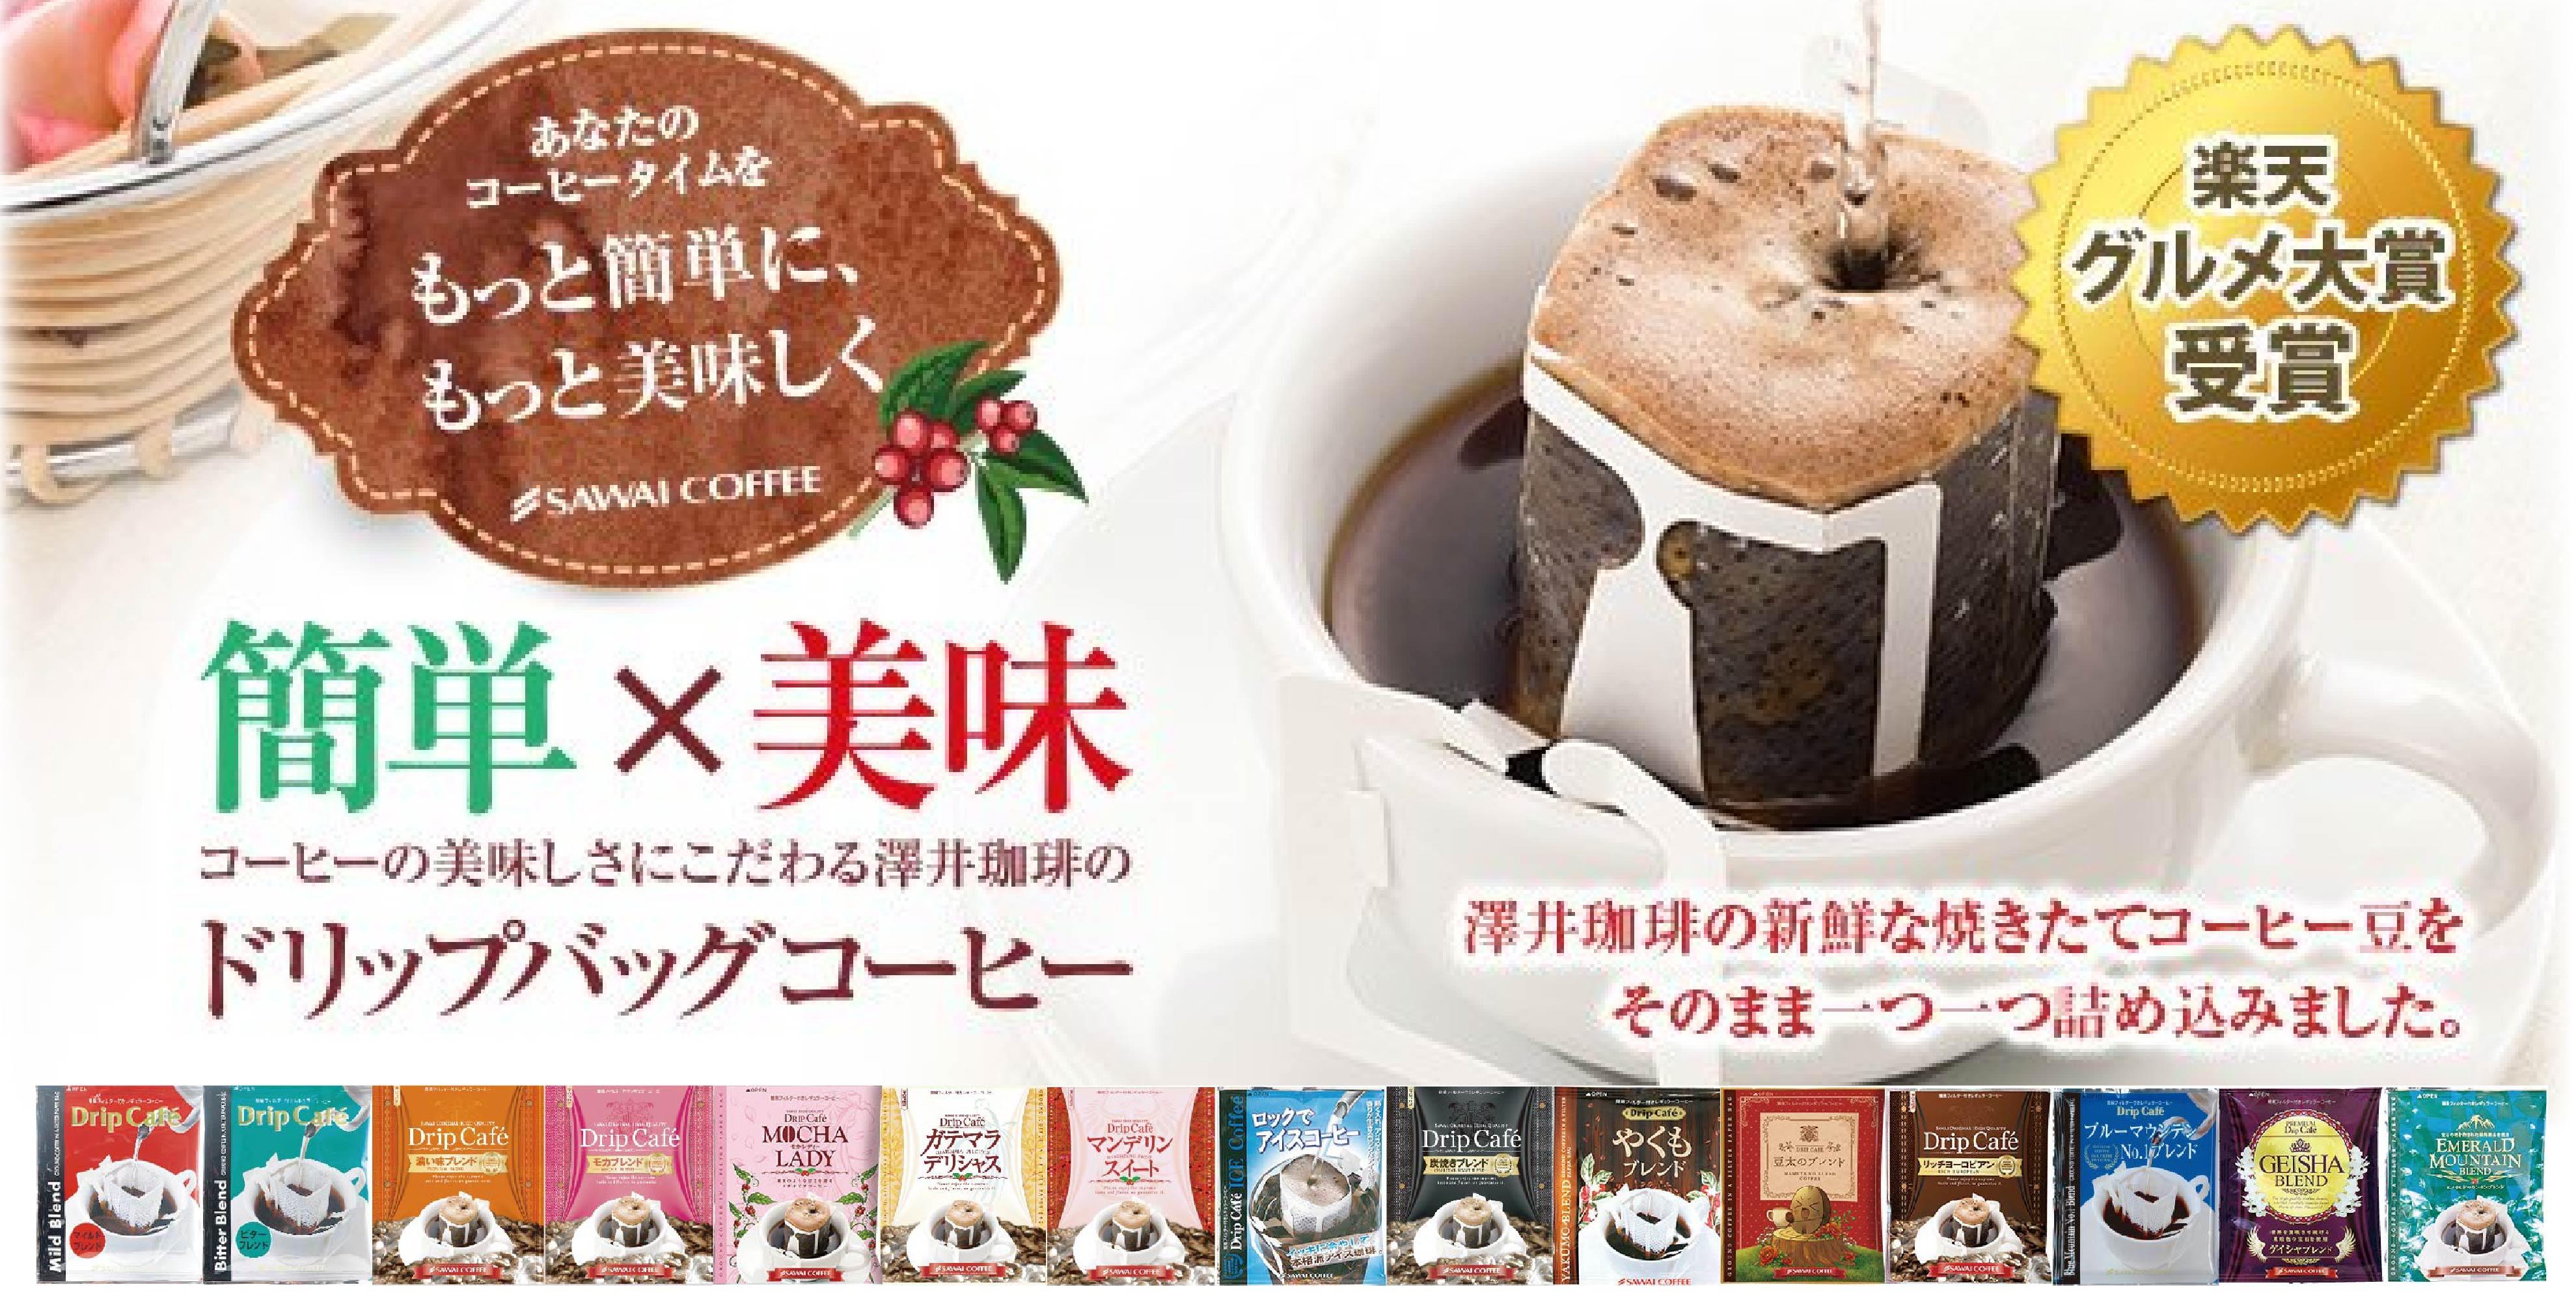 澤井咖啡 SAWAI COFFEE - 限時優惠好康折扣